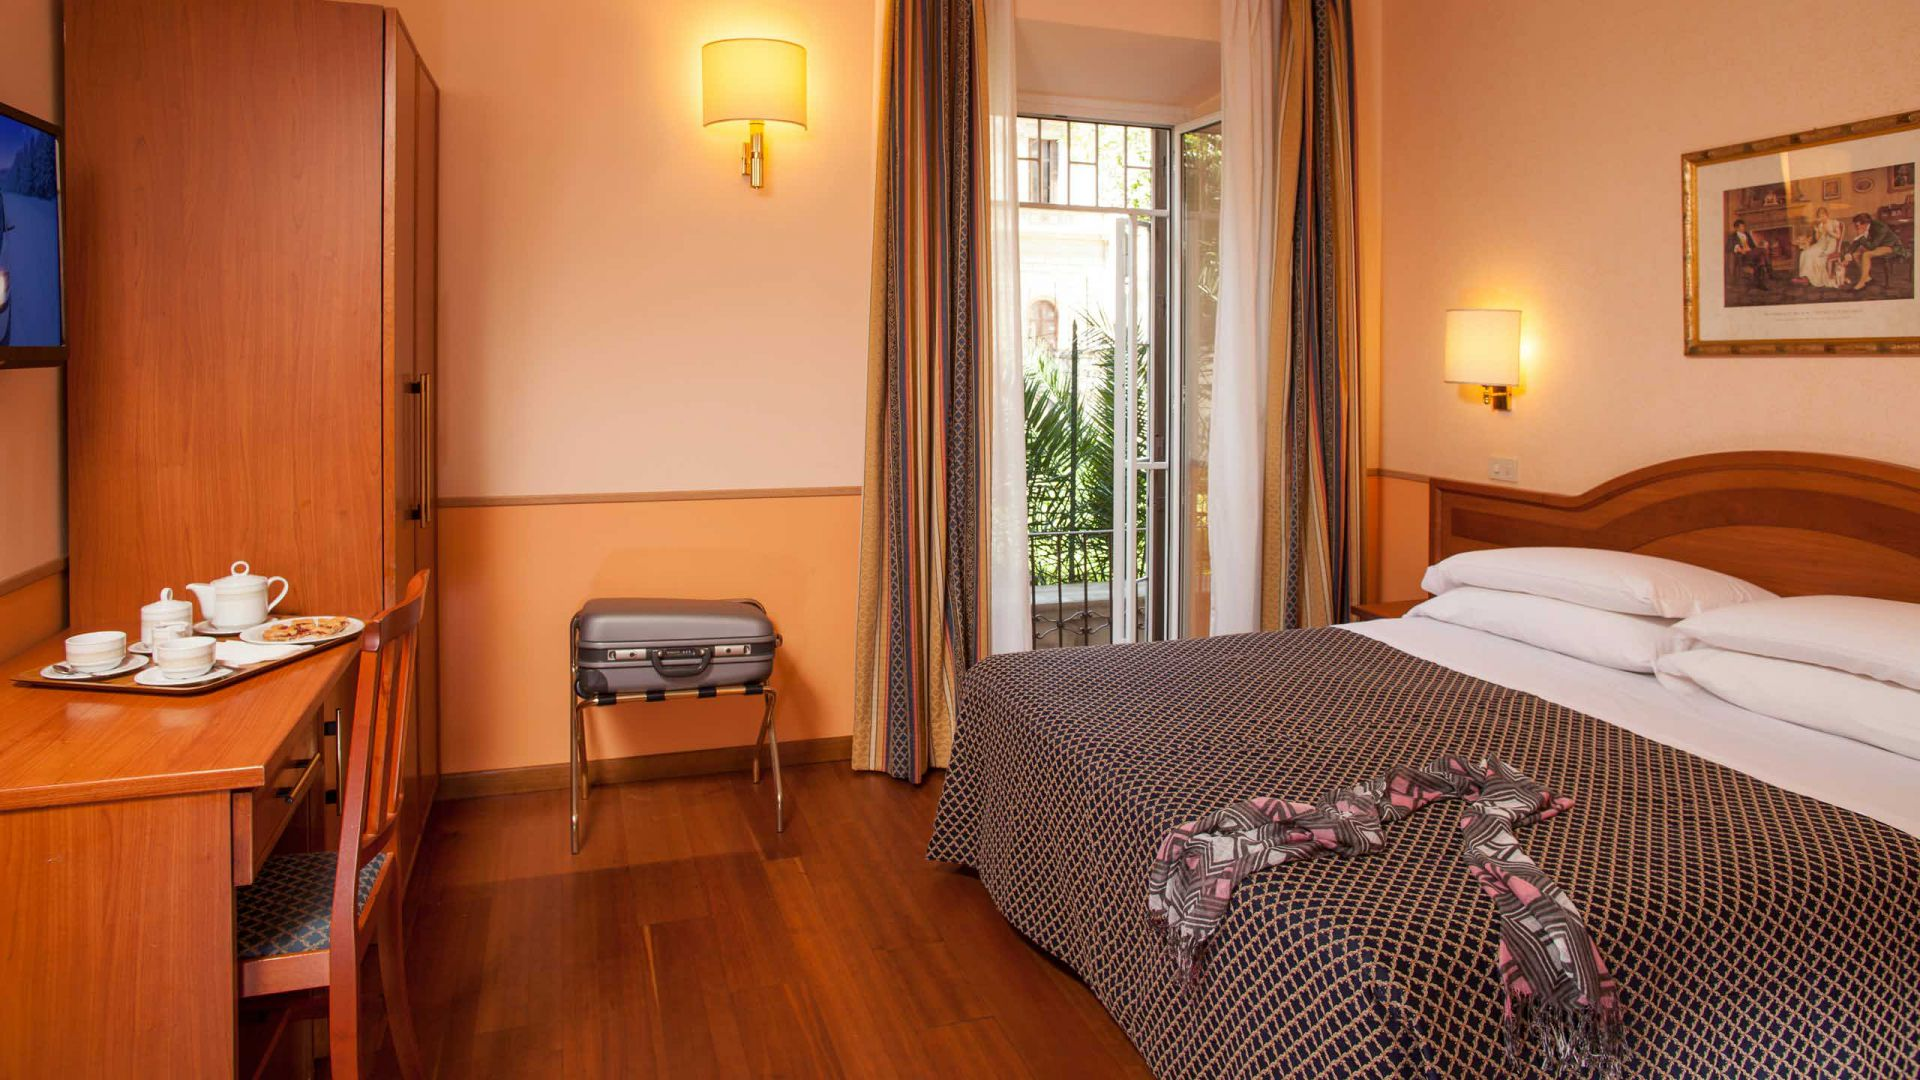 hotel-piemonte-rome-rooms-01